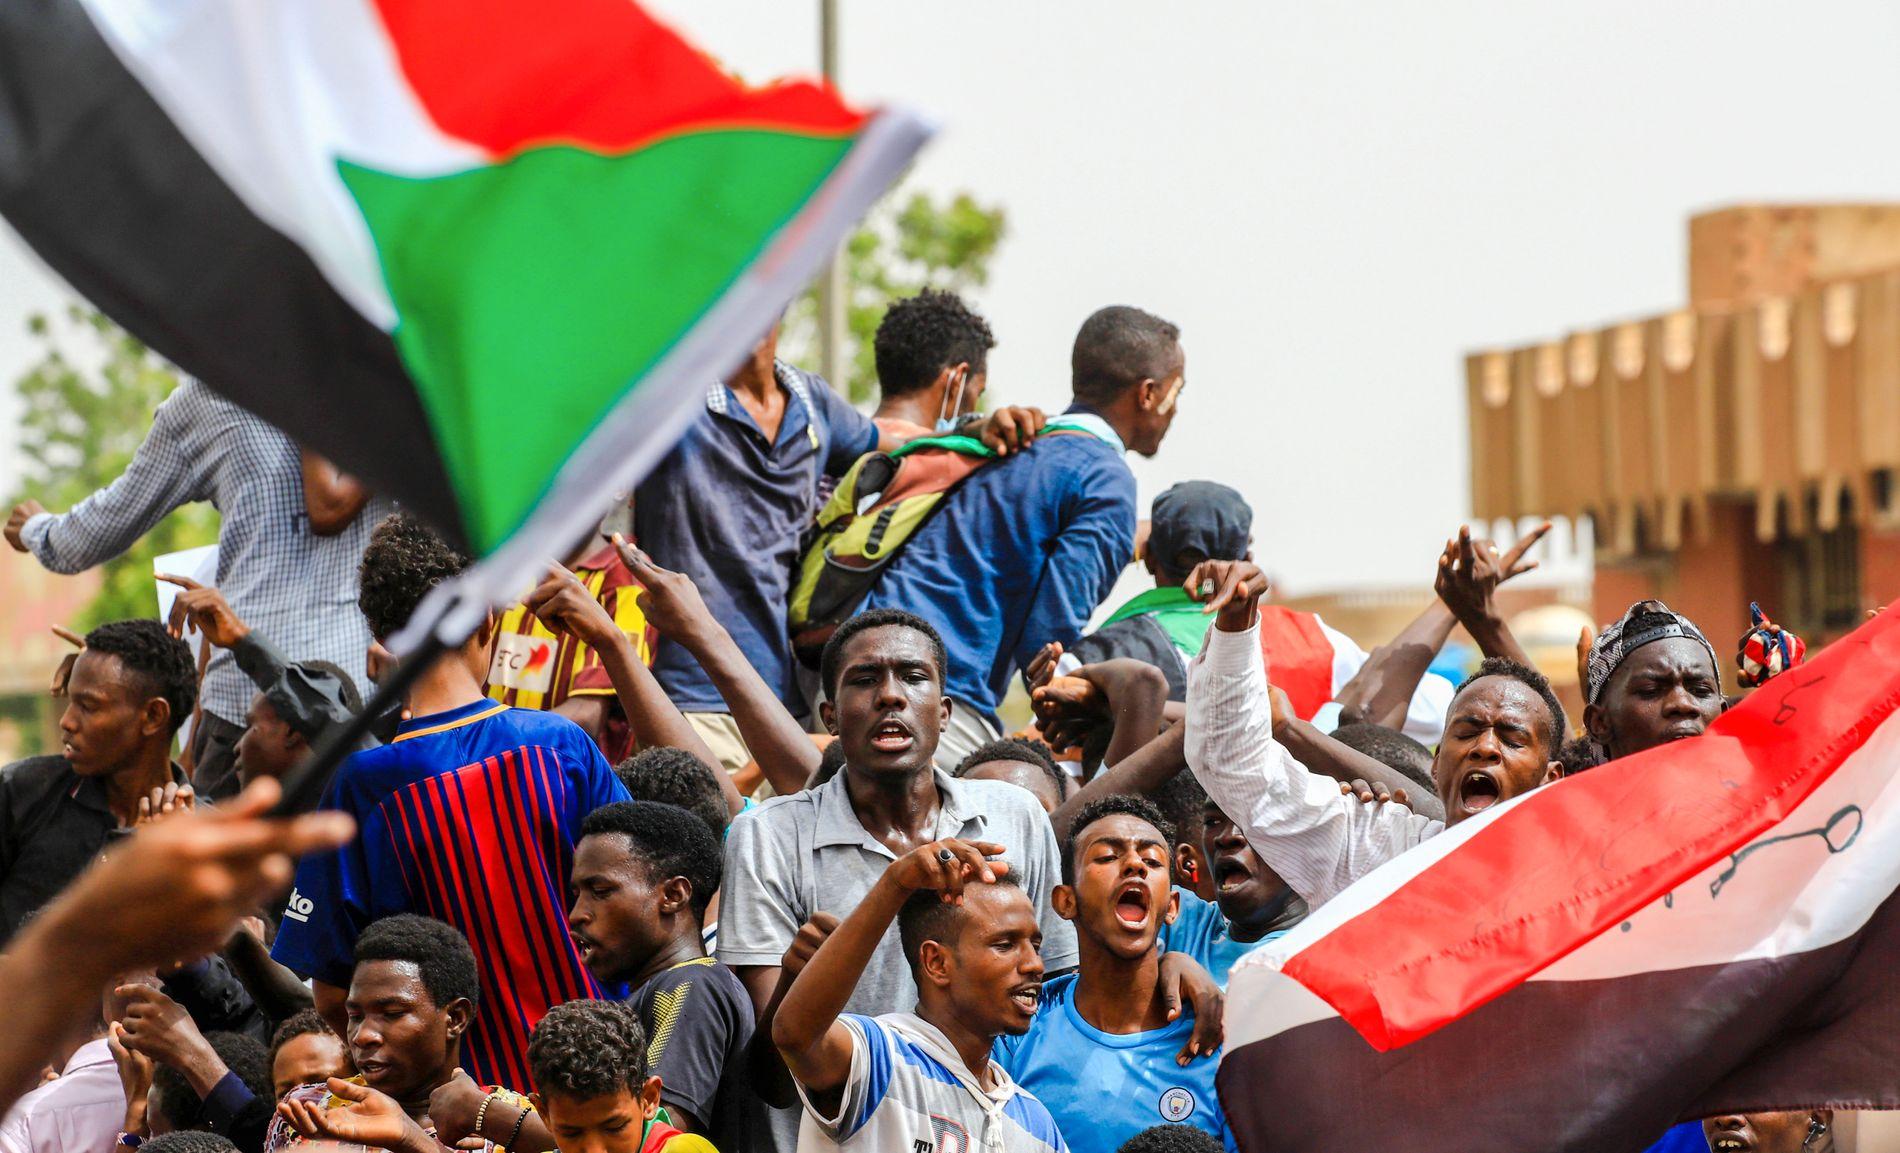 TVANG MILITÆRET TIL Å GI SEG: Massedemonstrasjonene den 30. juni skal ha hatt avgjørende betydning for forhandlingene.